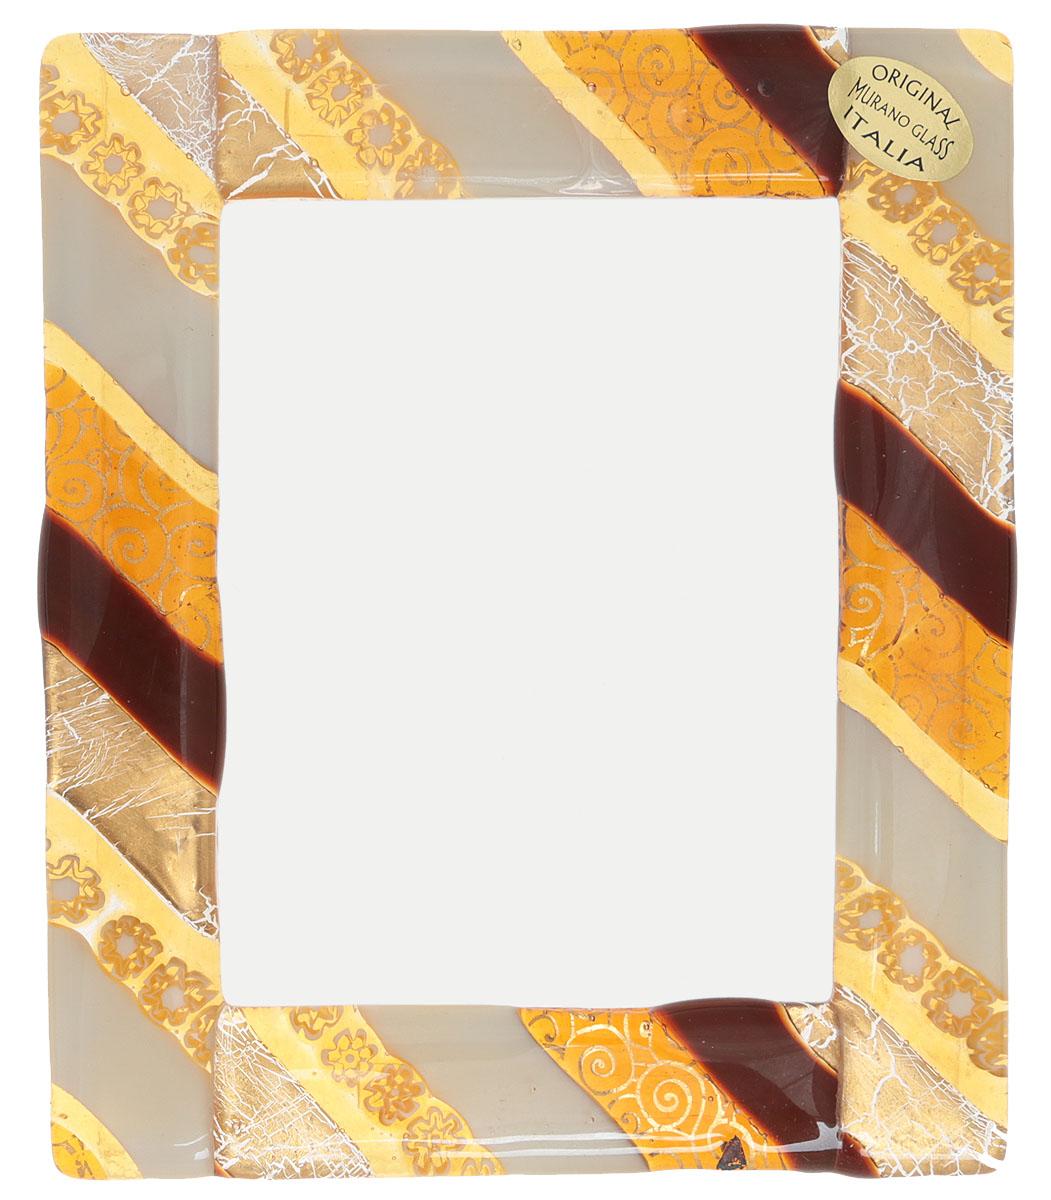 Murano! Рамка для фото. Муранское стекло, ручная работа. Murano, Италия (Венеция)ОС27214Рамка для фото. Муранское стекло, ручная работа. Murano, Италия (Венеция). Маркировка: оригинальная этикетка Original Murano Glass Italia. Размер: 16 х 13 см. Каждое изделие из муранского стекла уникально и может незначительно отличаться от того, что вы видите на фотографии. Превосходный подарок коллекционеру художественного стекла!